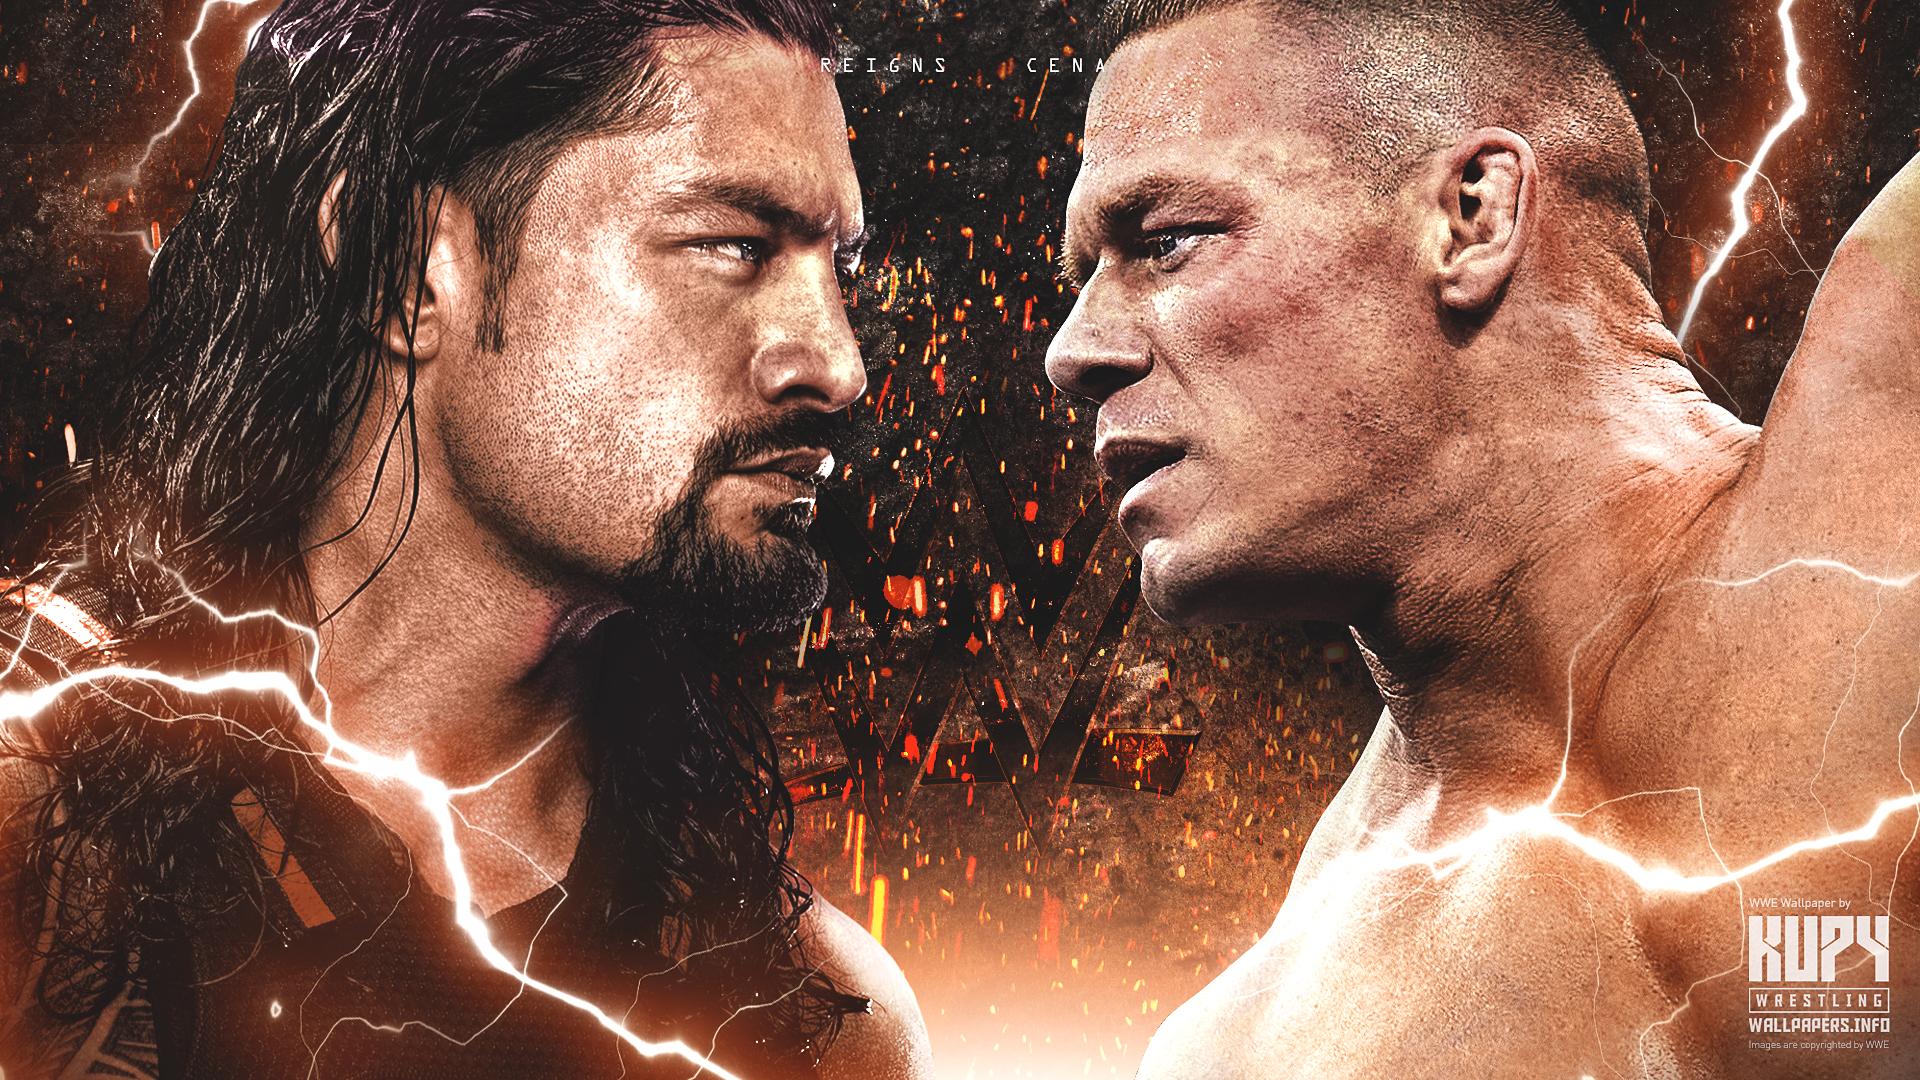 new roman reigns vs john cena wallpaper kupy wrestling